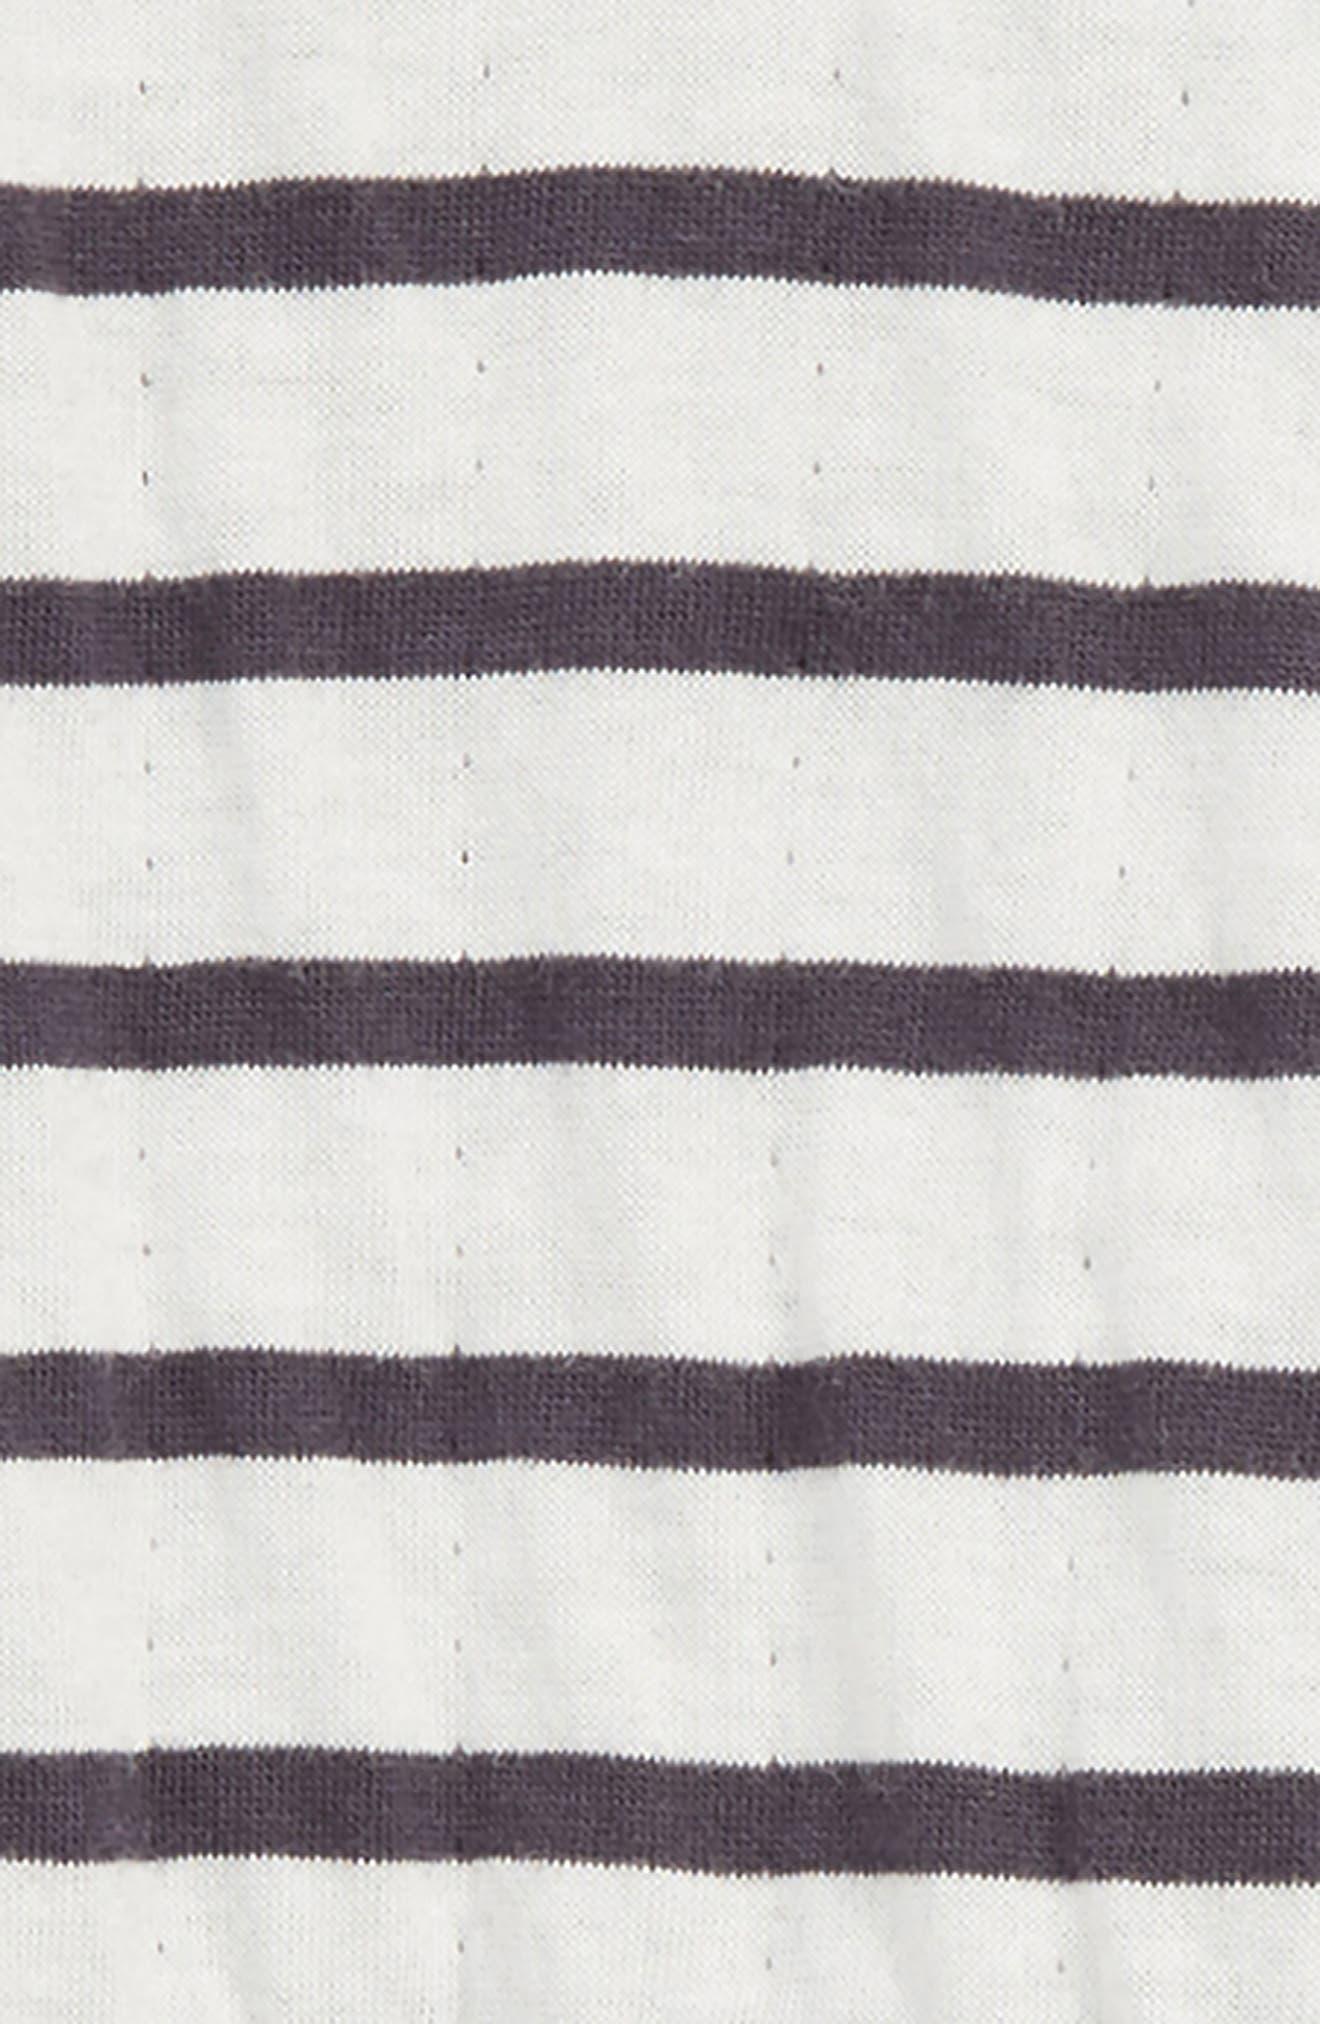 Reversible Double Knit T-Shirt & Pants Set,                             Alternate thumbnail 2, color,                             BLACK BRETON STRIPE